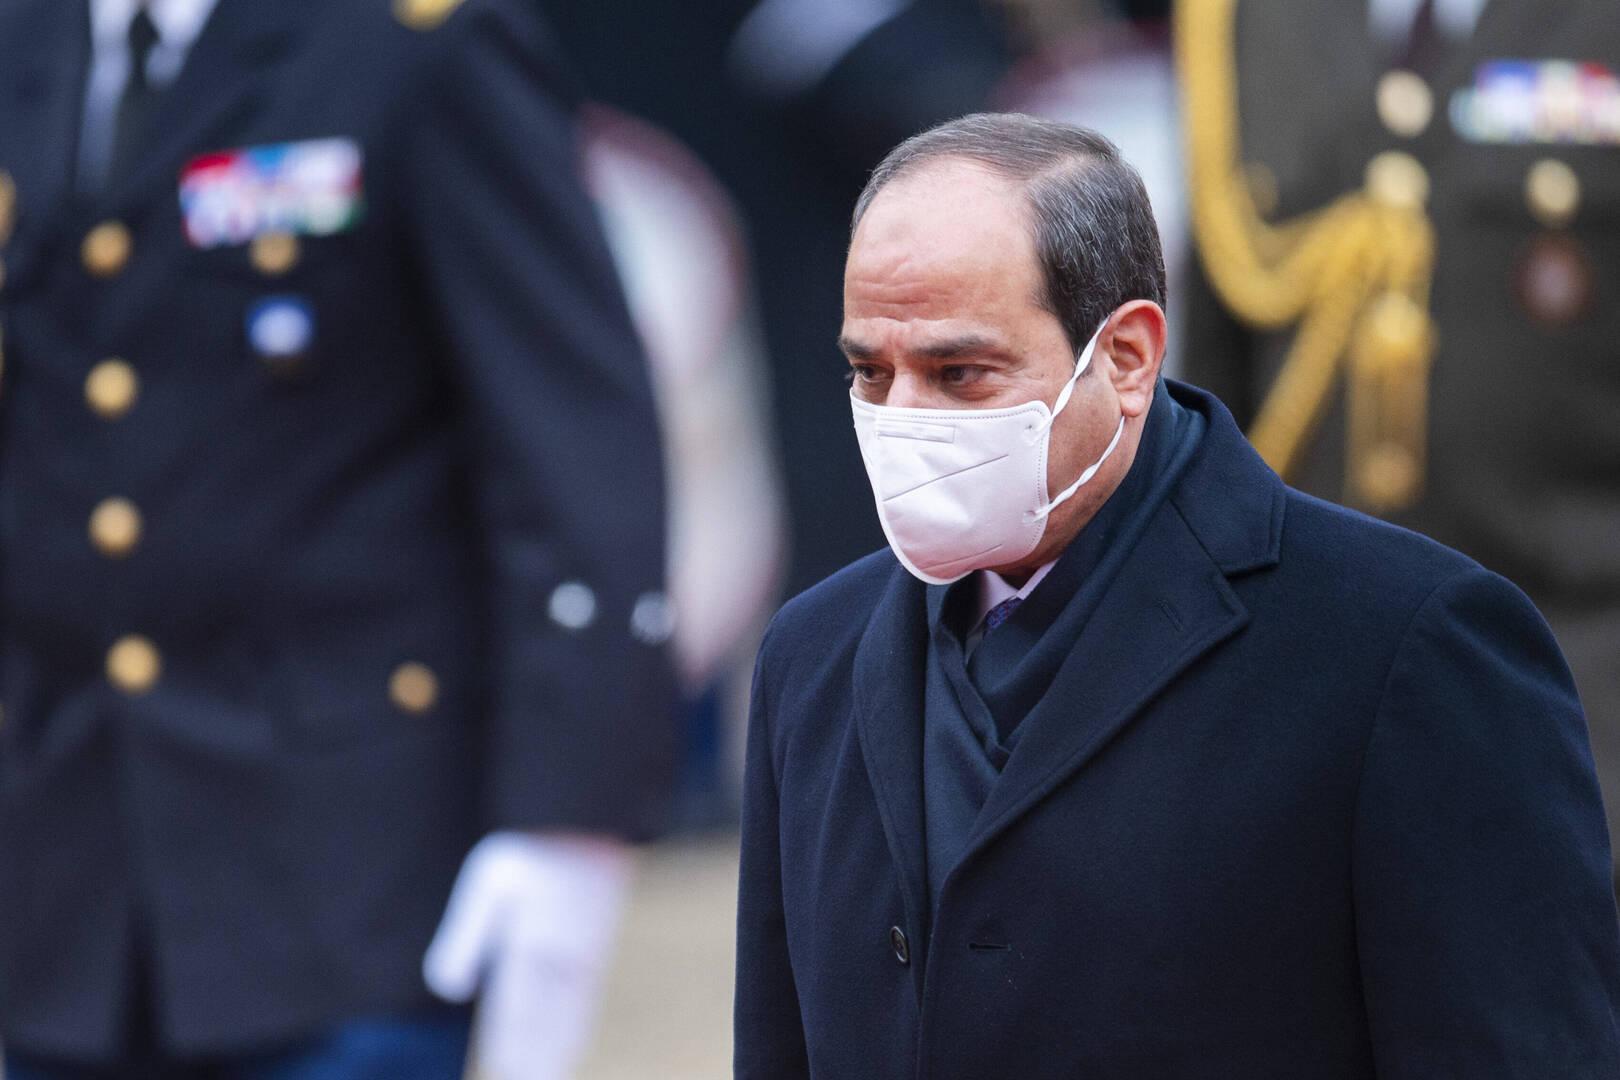 السيسي: نهر النيل شريان الوجود الوحيد لمصر وسياسة فرض الأمر الواقع تنذر بتهديد أمن المنطقة